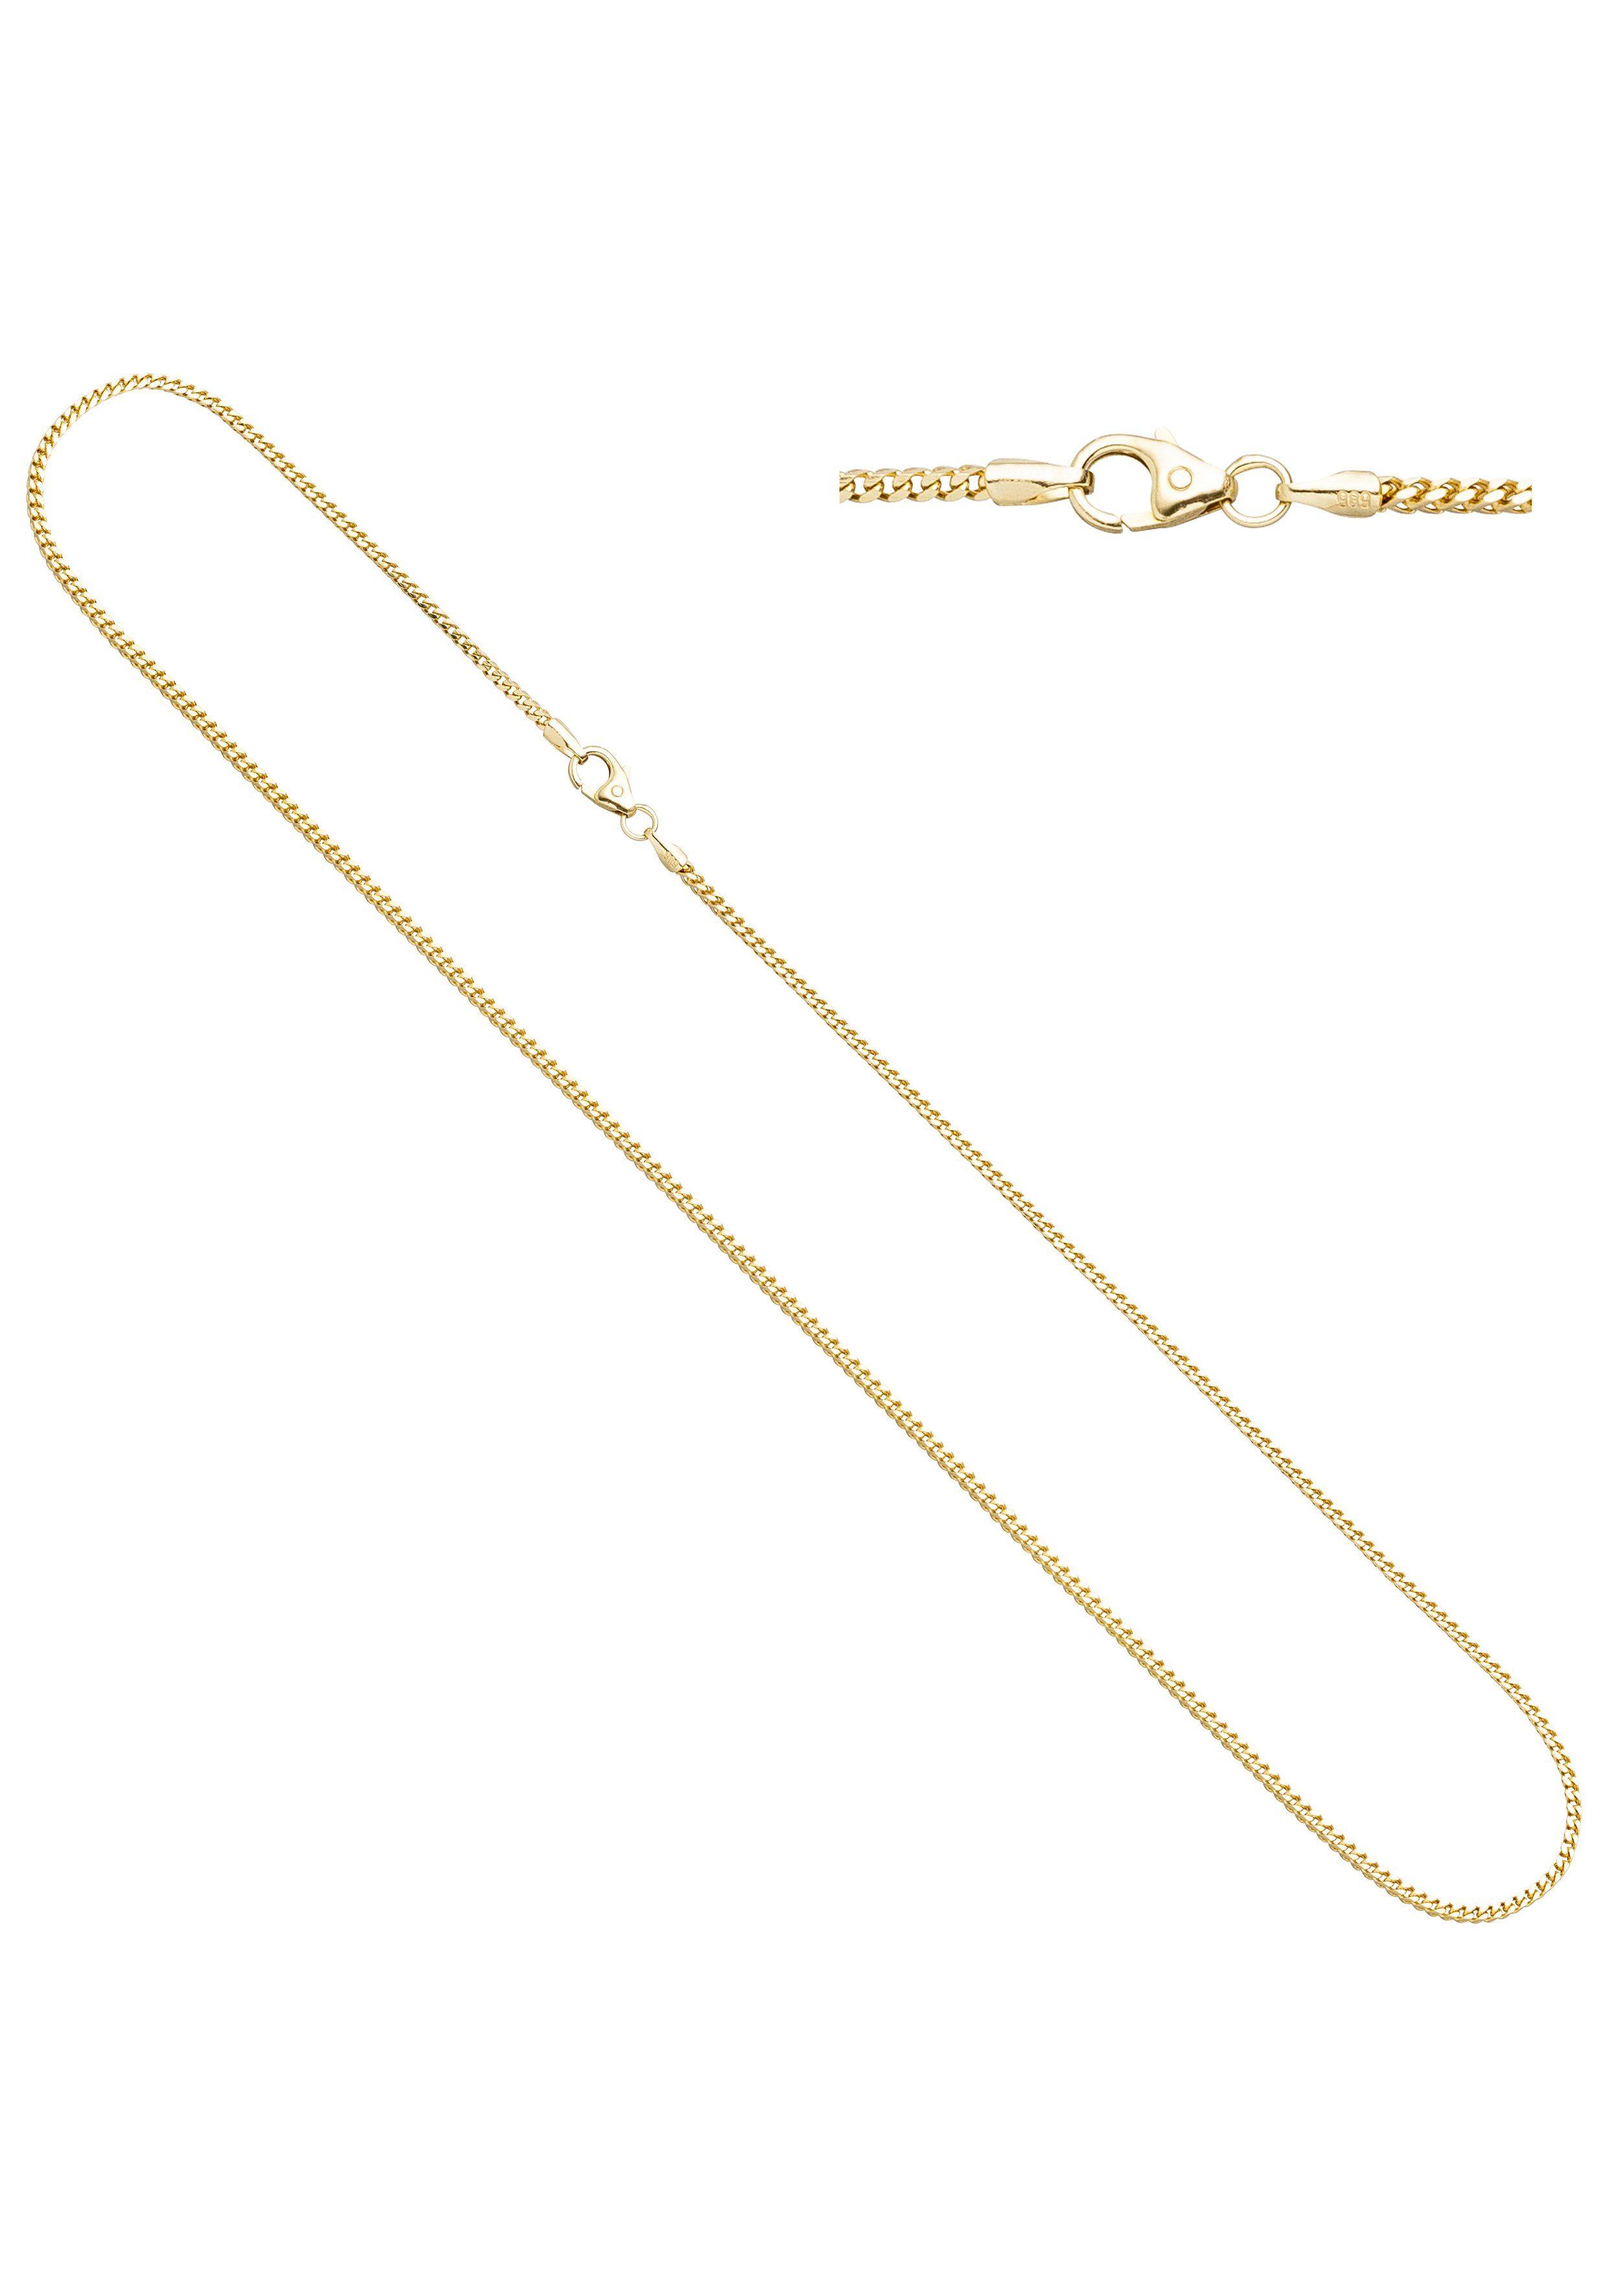 JOBO Goldkette Bingokette 585 Gold 45 cm 1,2 mm